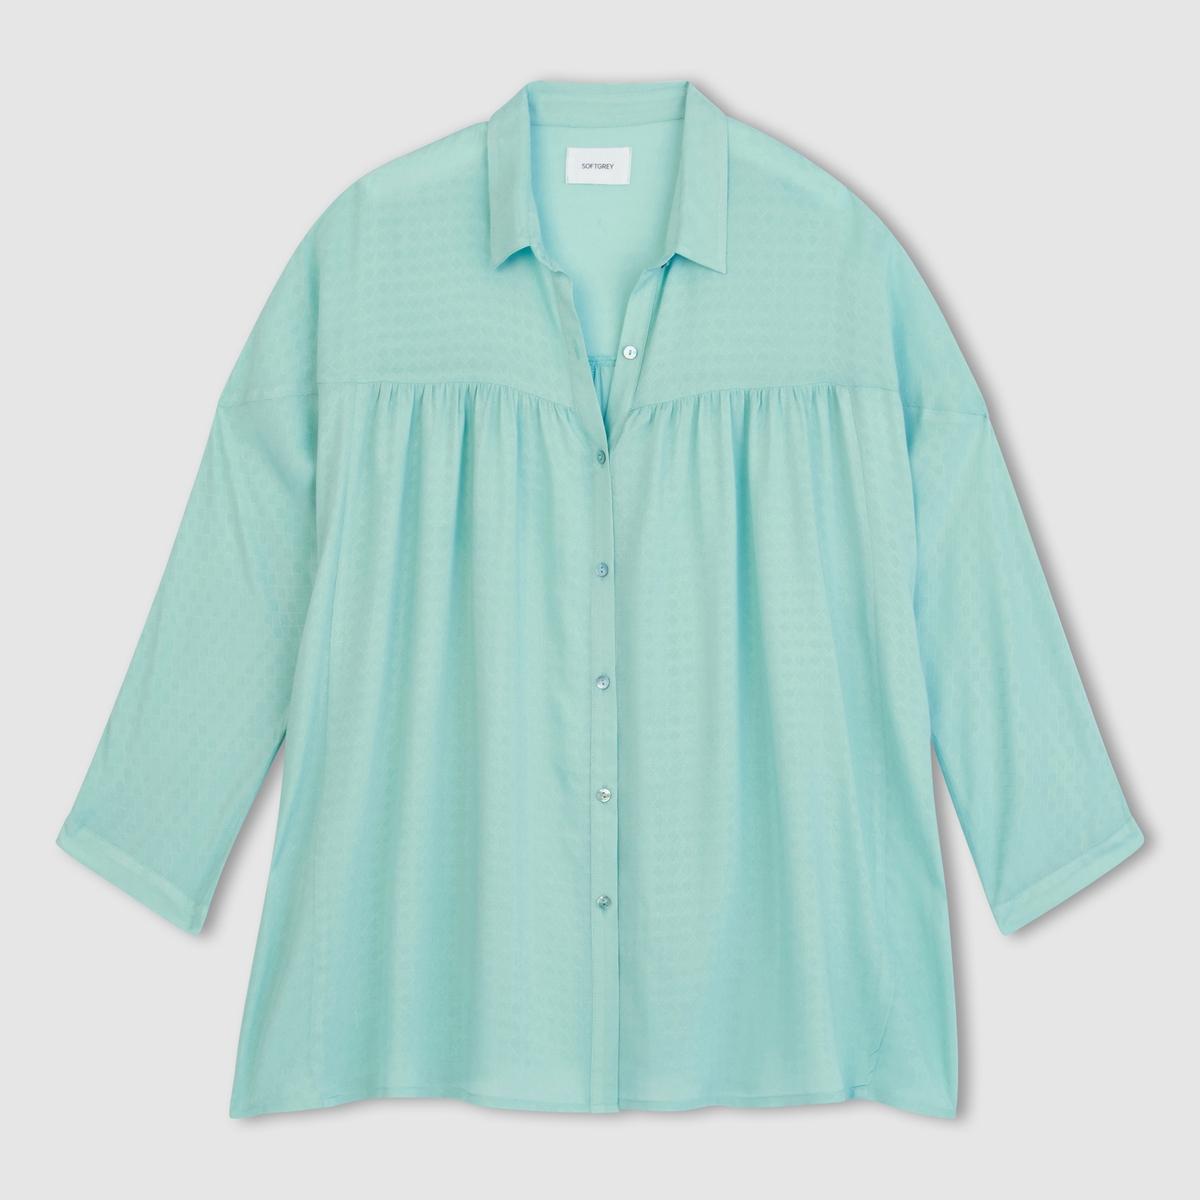 Рубашка объемного покроя с рукавами летучая мышьРубашка из струящейся ткани свободного покроя в богемном стиле.<br><br>Цвет: небесно-голубой,оранжевый